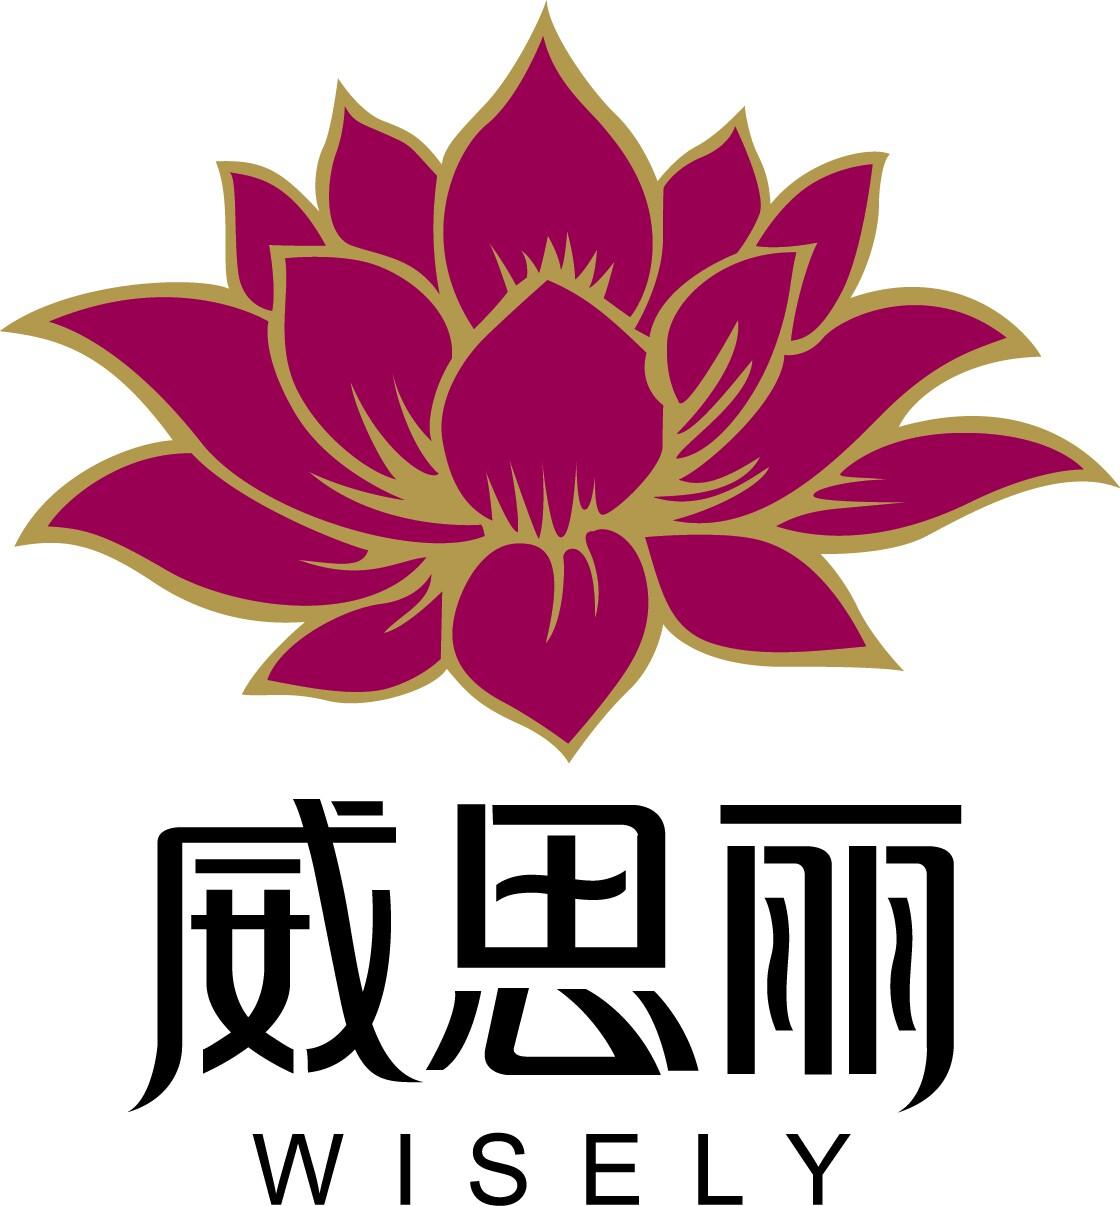 东北地区最具影响力的瑜伽培训机构十二年来,从威思丽走出的学员遍布全国各地;十二年来,威思丽向社会输送了无数优秀的瑜伽导师,收到社会各界广泛的肯定与支持;十二年来,威思丽凝聚了上百名瑜伽业内最顶尖的瑜伽导师资源十二年来,威思丽各项发展、创新始终坚持行业领先;十二年来,威思丽收获了无畏与奋进,记载着辛酸与泪水;今天,我们依然在努力!相信威思丽,相信瑜伽,相信品牌的力量!